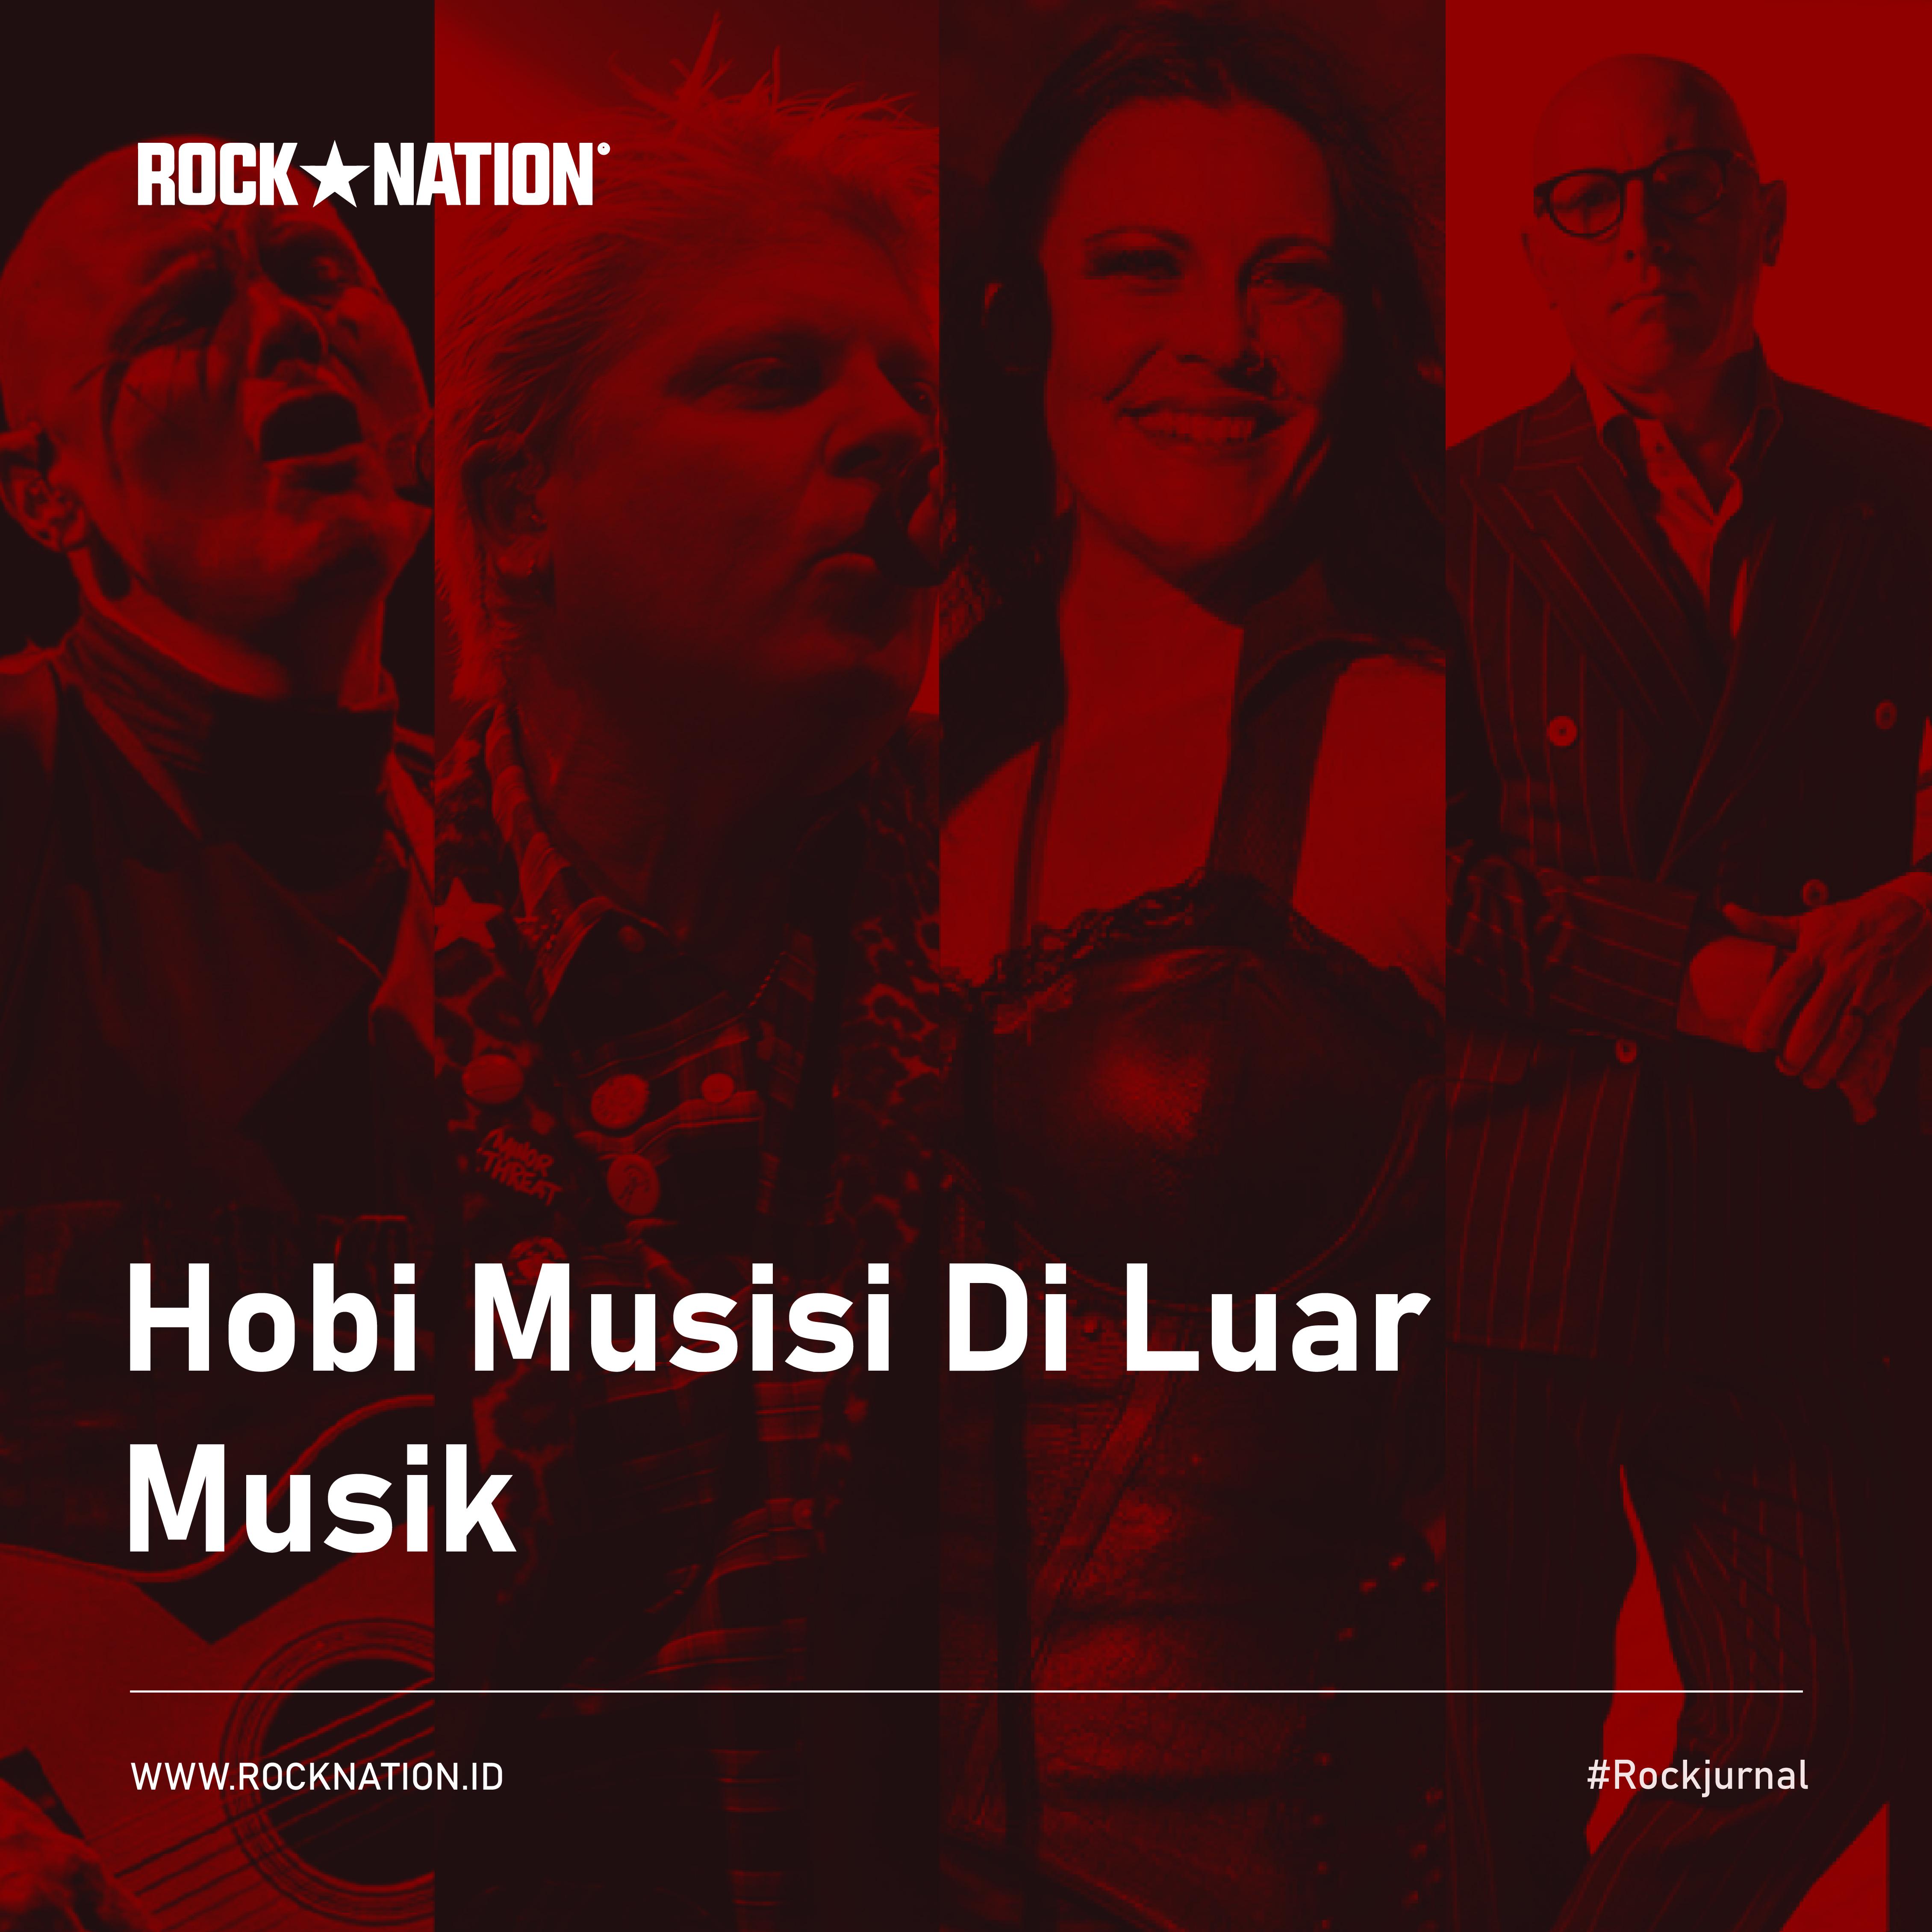 Hobi Musisi Di Luar Musik image